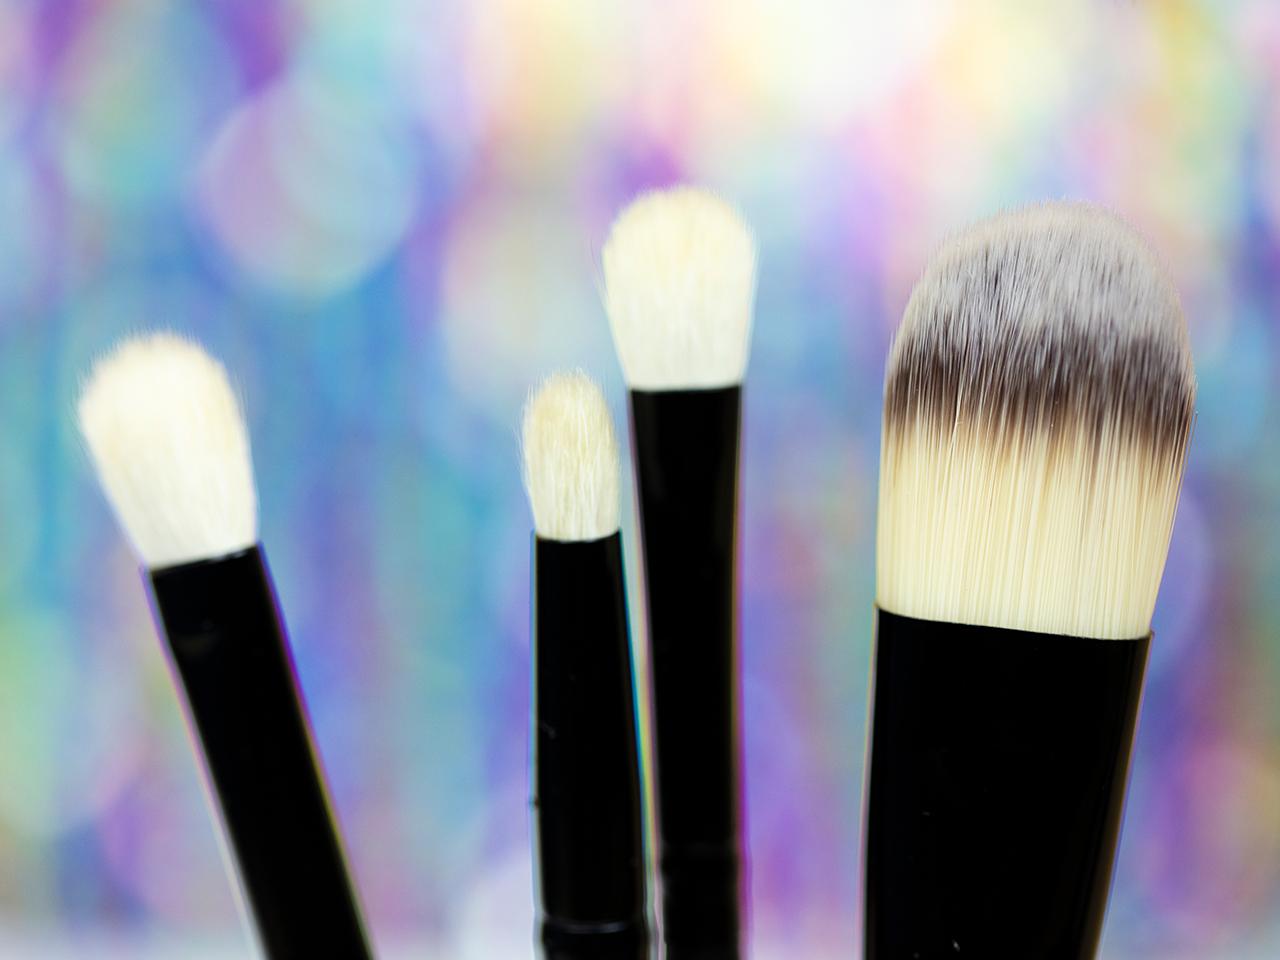 Как очистить кисти для макияжа с минимальными усилиями?